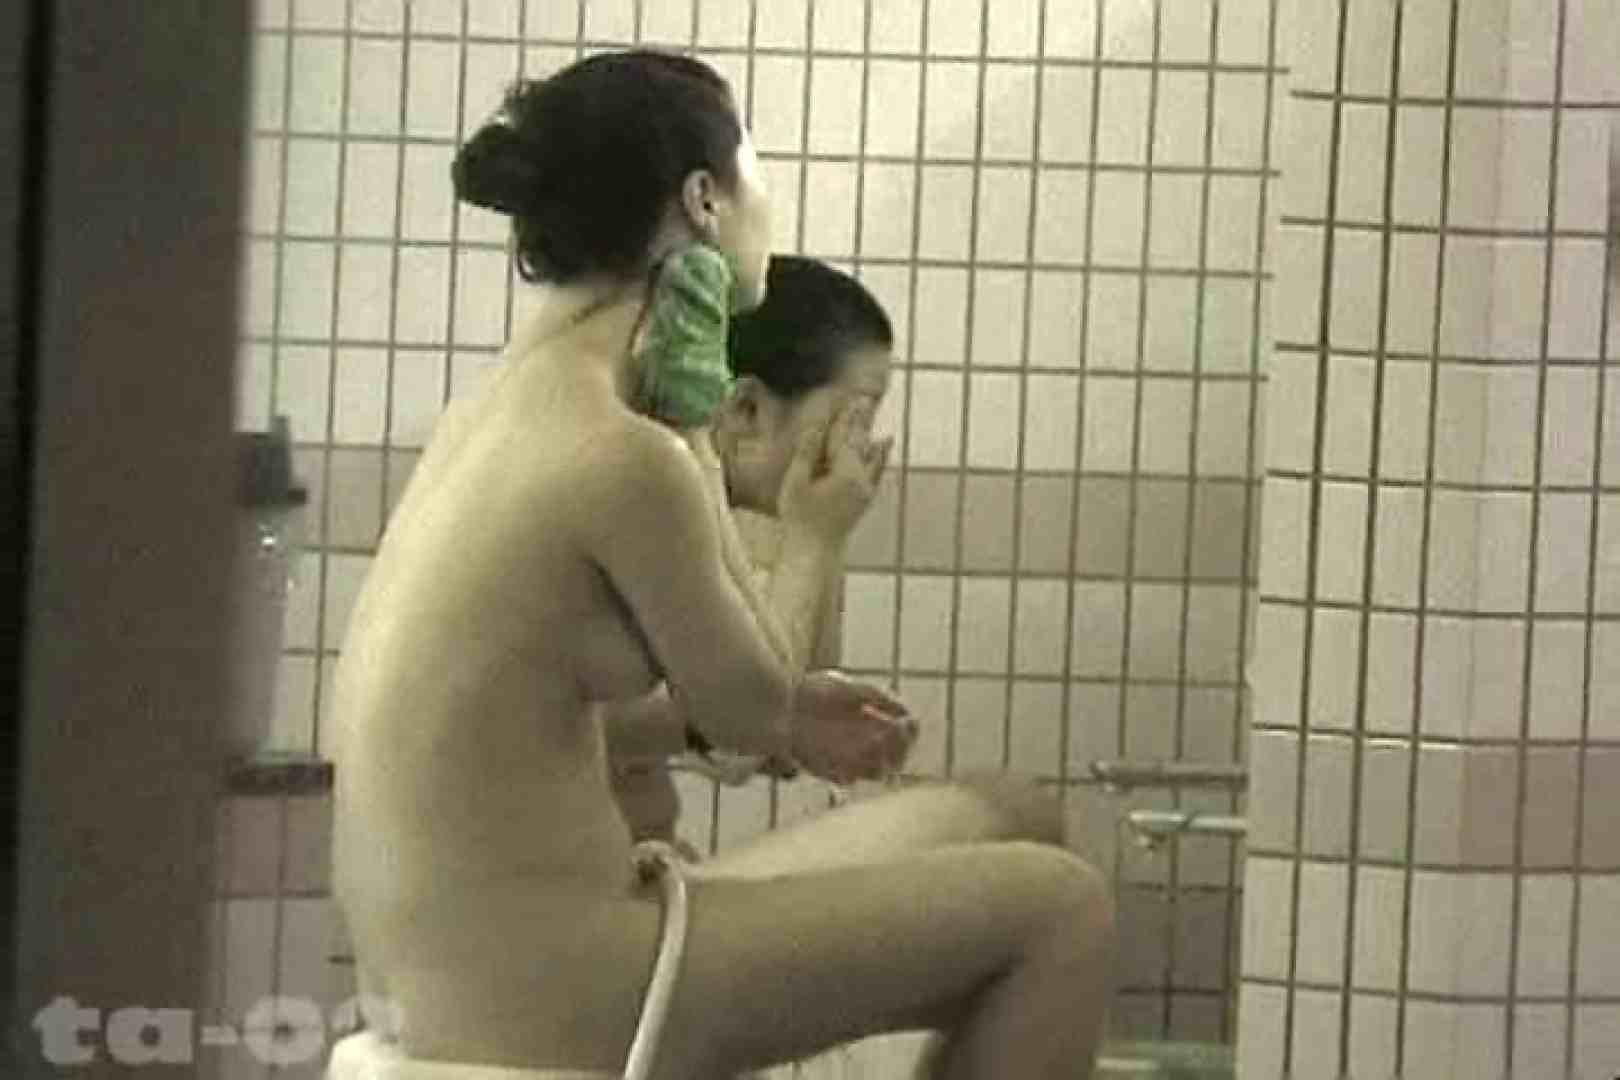 合宿ホテル女風呂盗撮高画質版 Vol.02 盗撮エロすぎ | ホテル  78連発 35